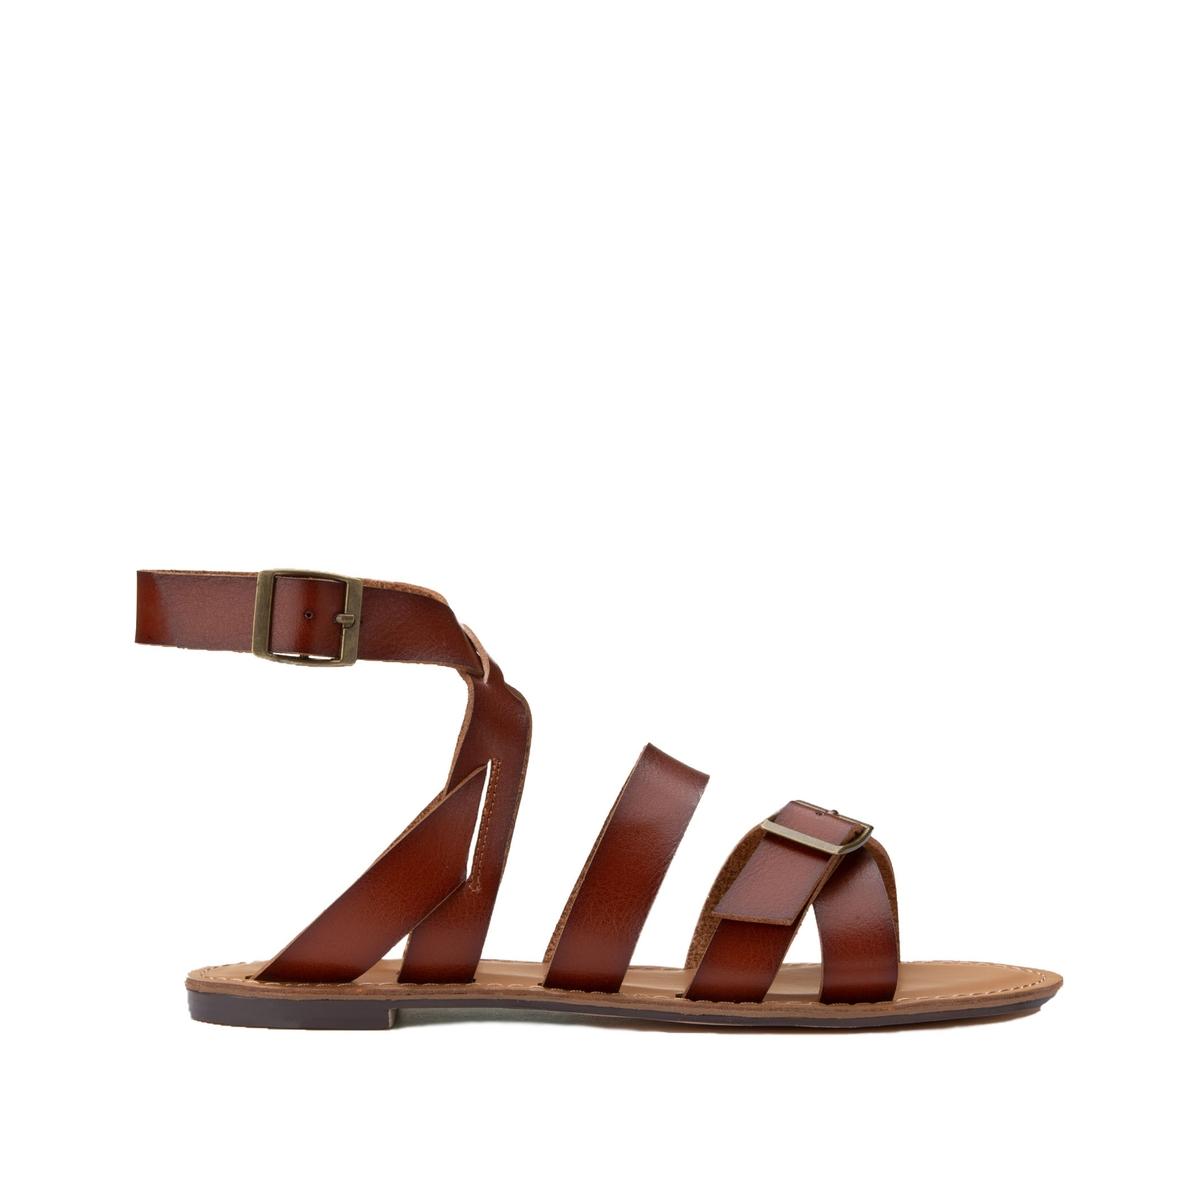 Sandalias planas con correas cruzadas y hebillas